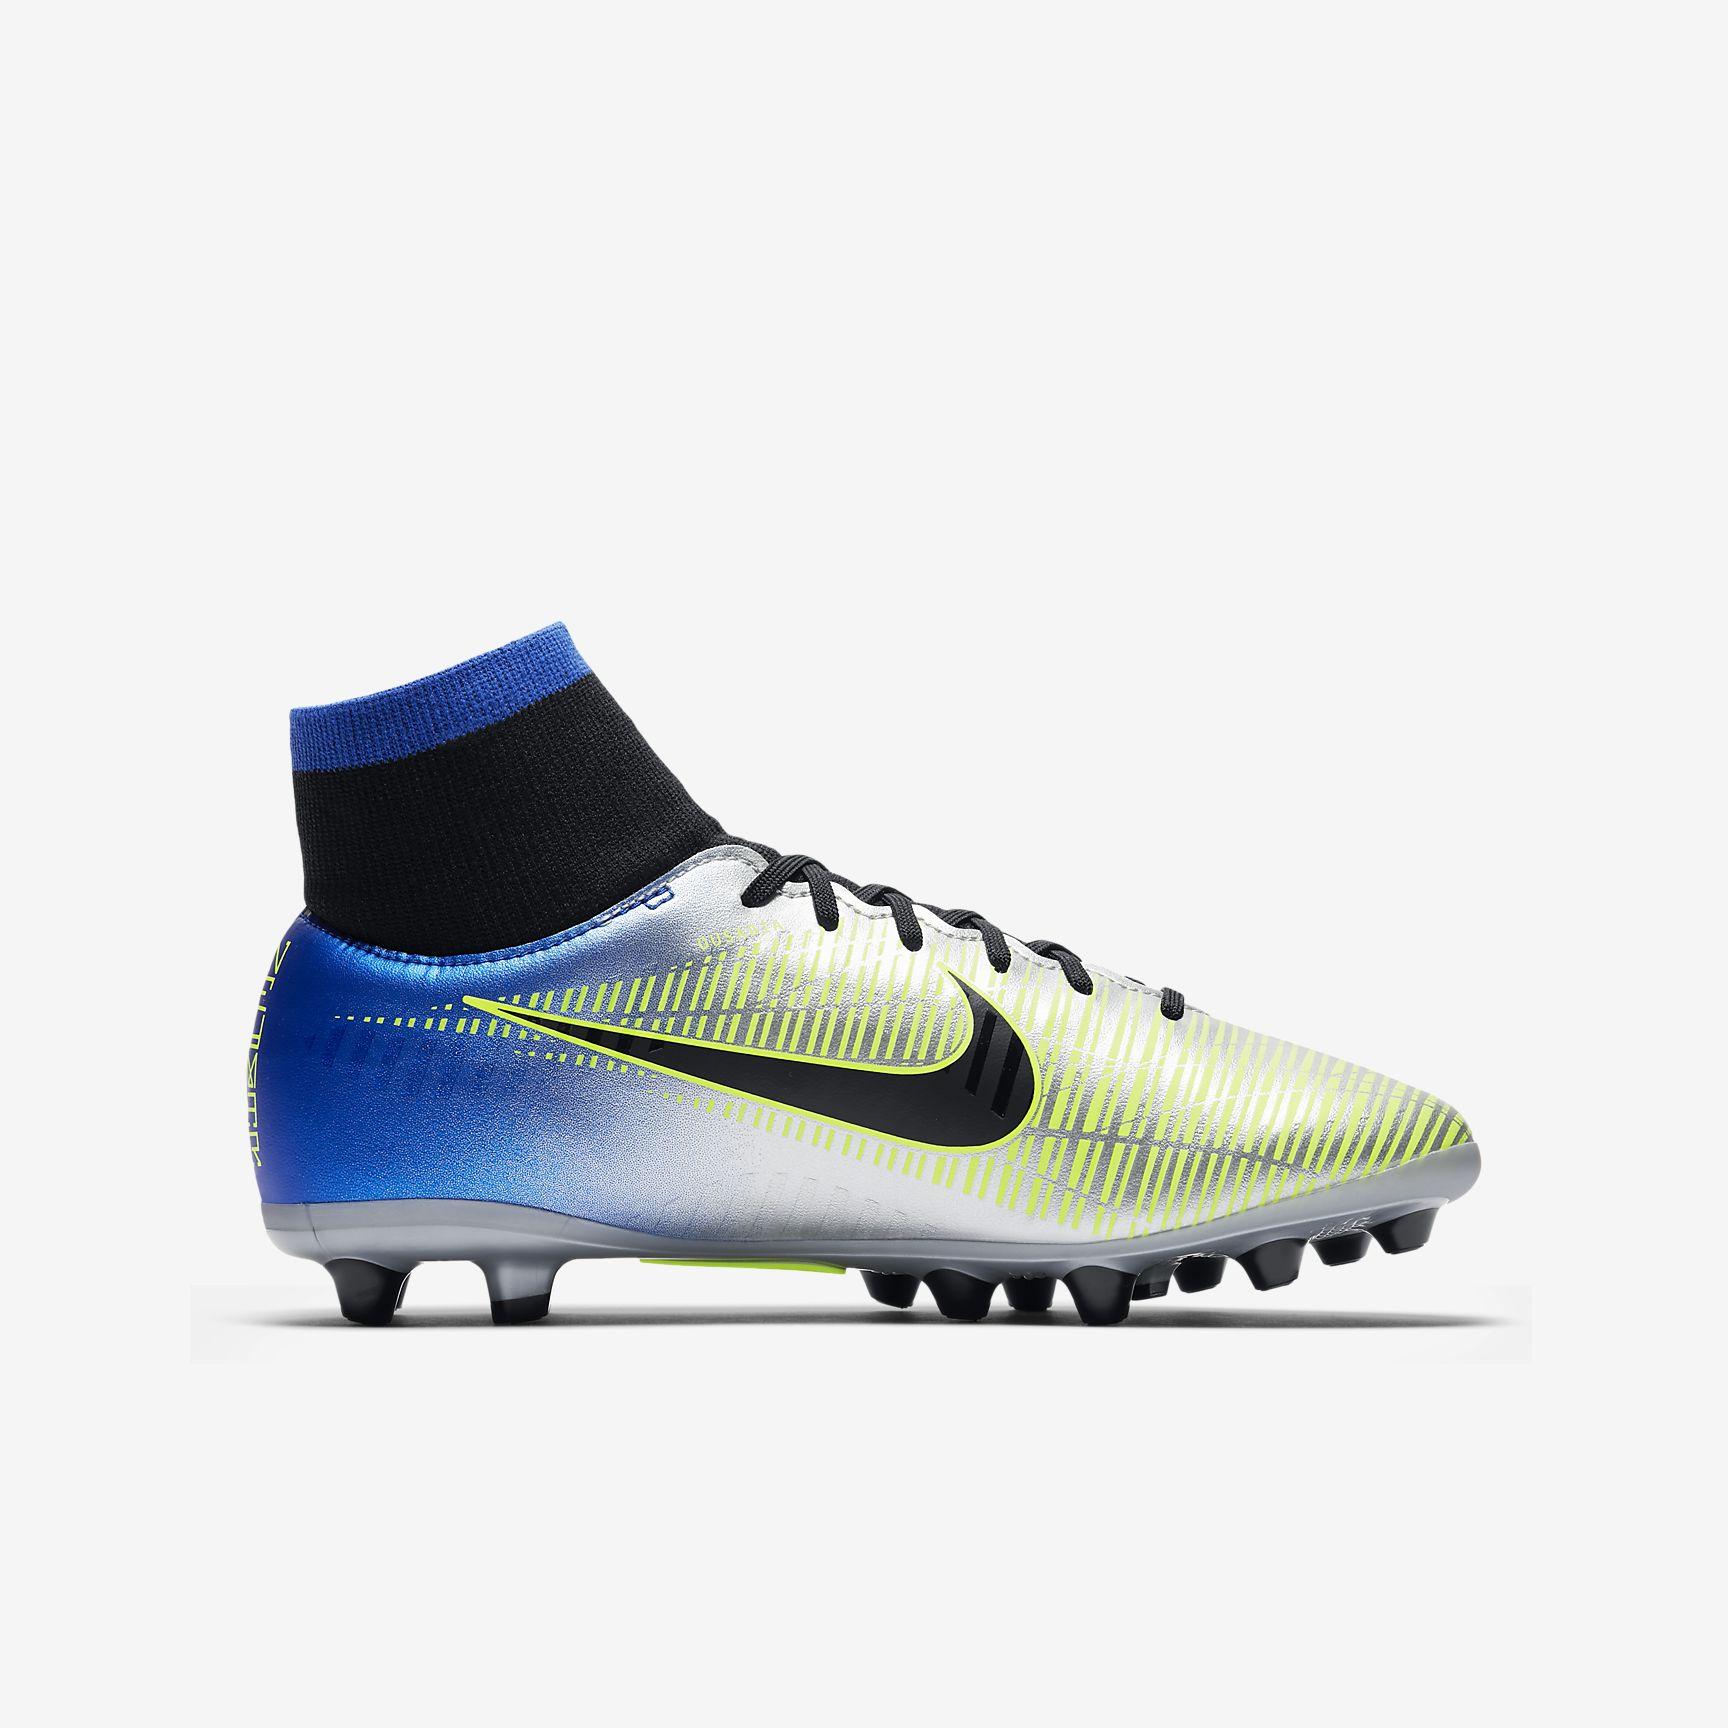 ae89b8efe2d55 Acquista 2 OFF QUALSIASI scarpe calcio ag offerta CASE E OTTIENI IL ...